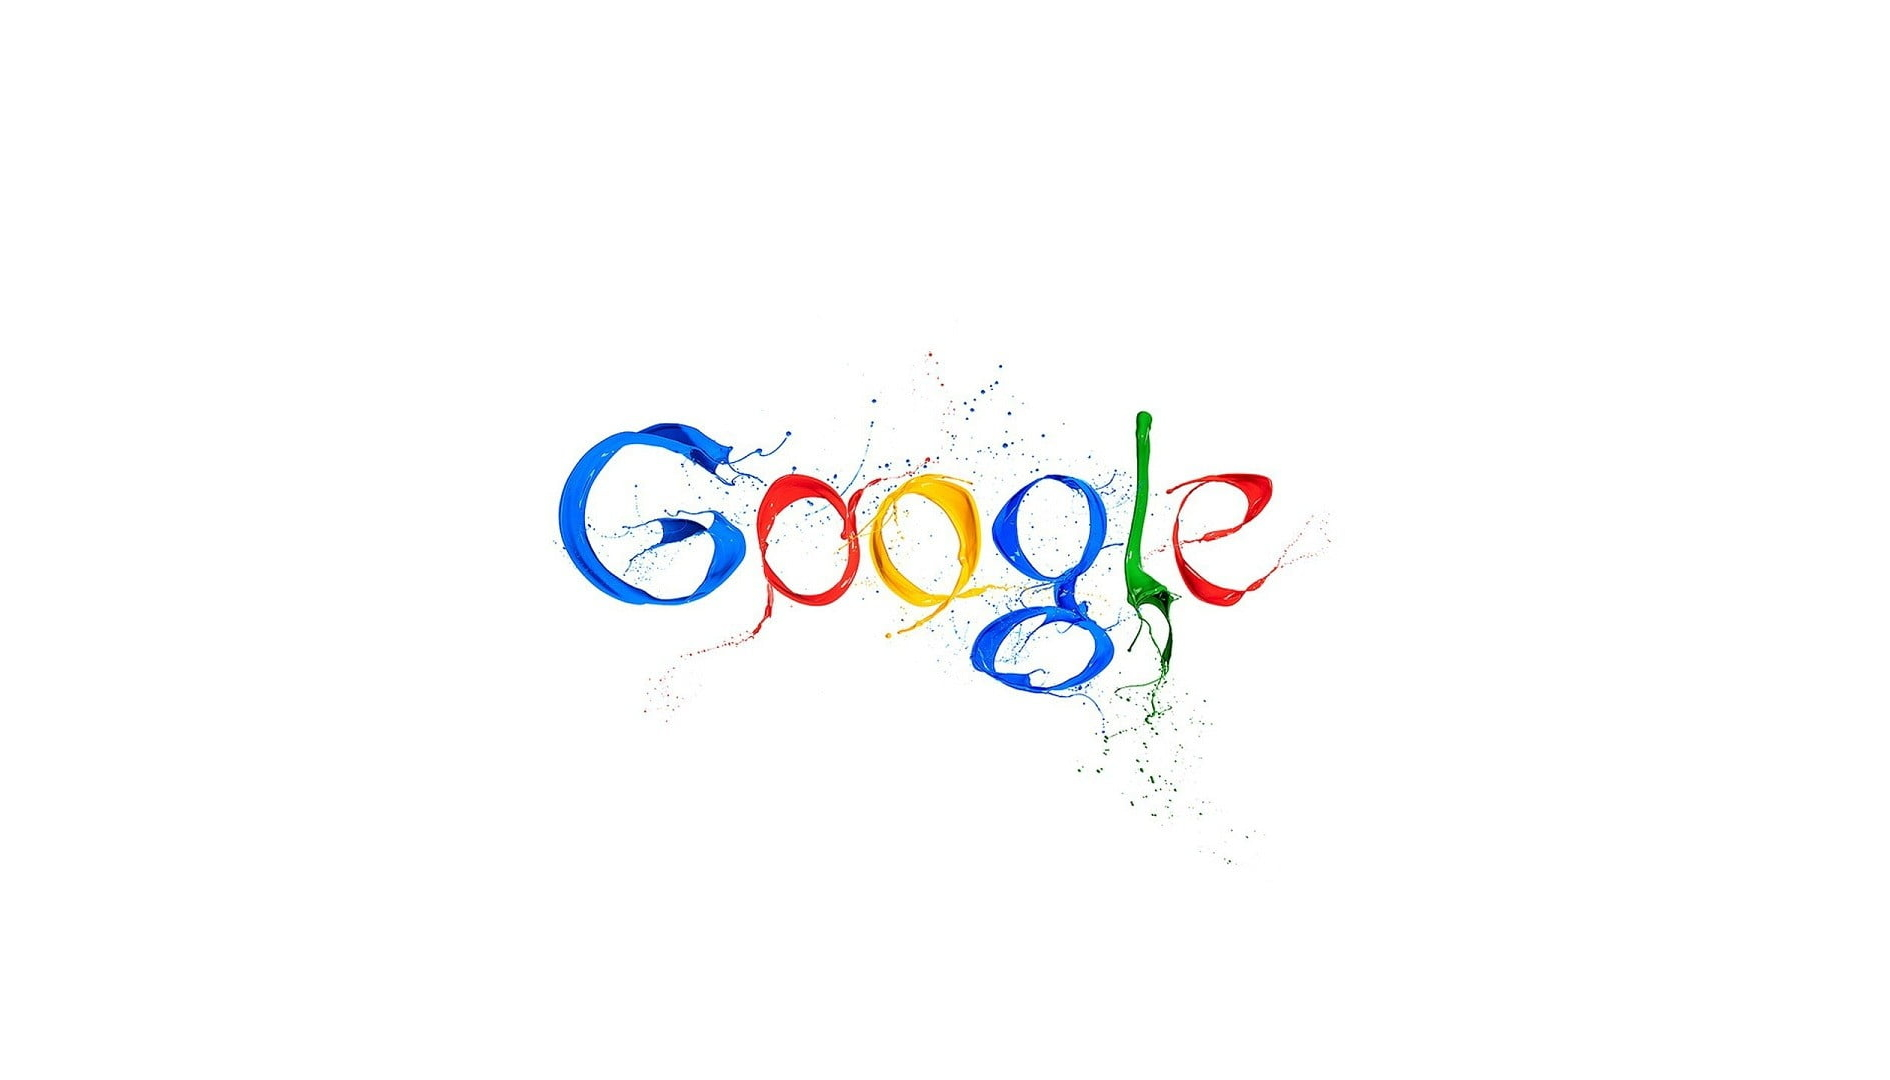 Google, nuove accuse: presunto tracciamento tramite app con consenso negato